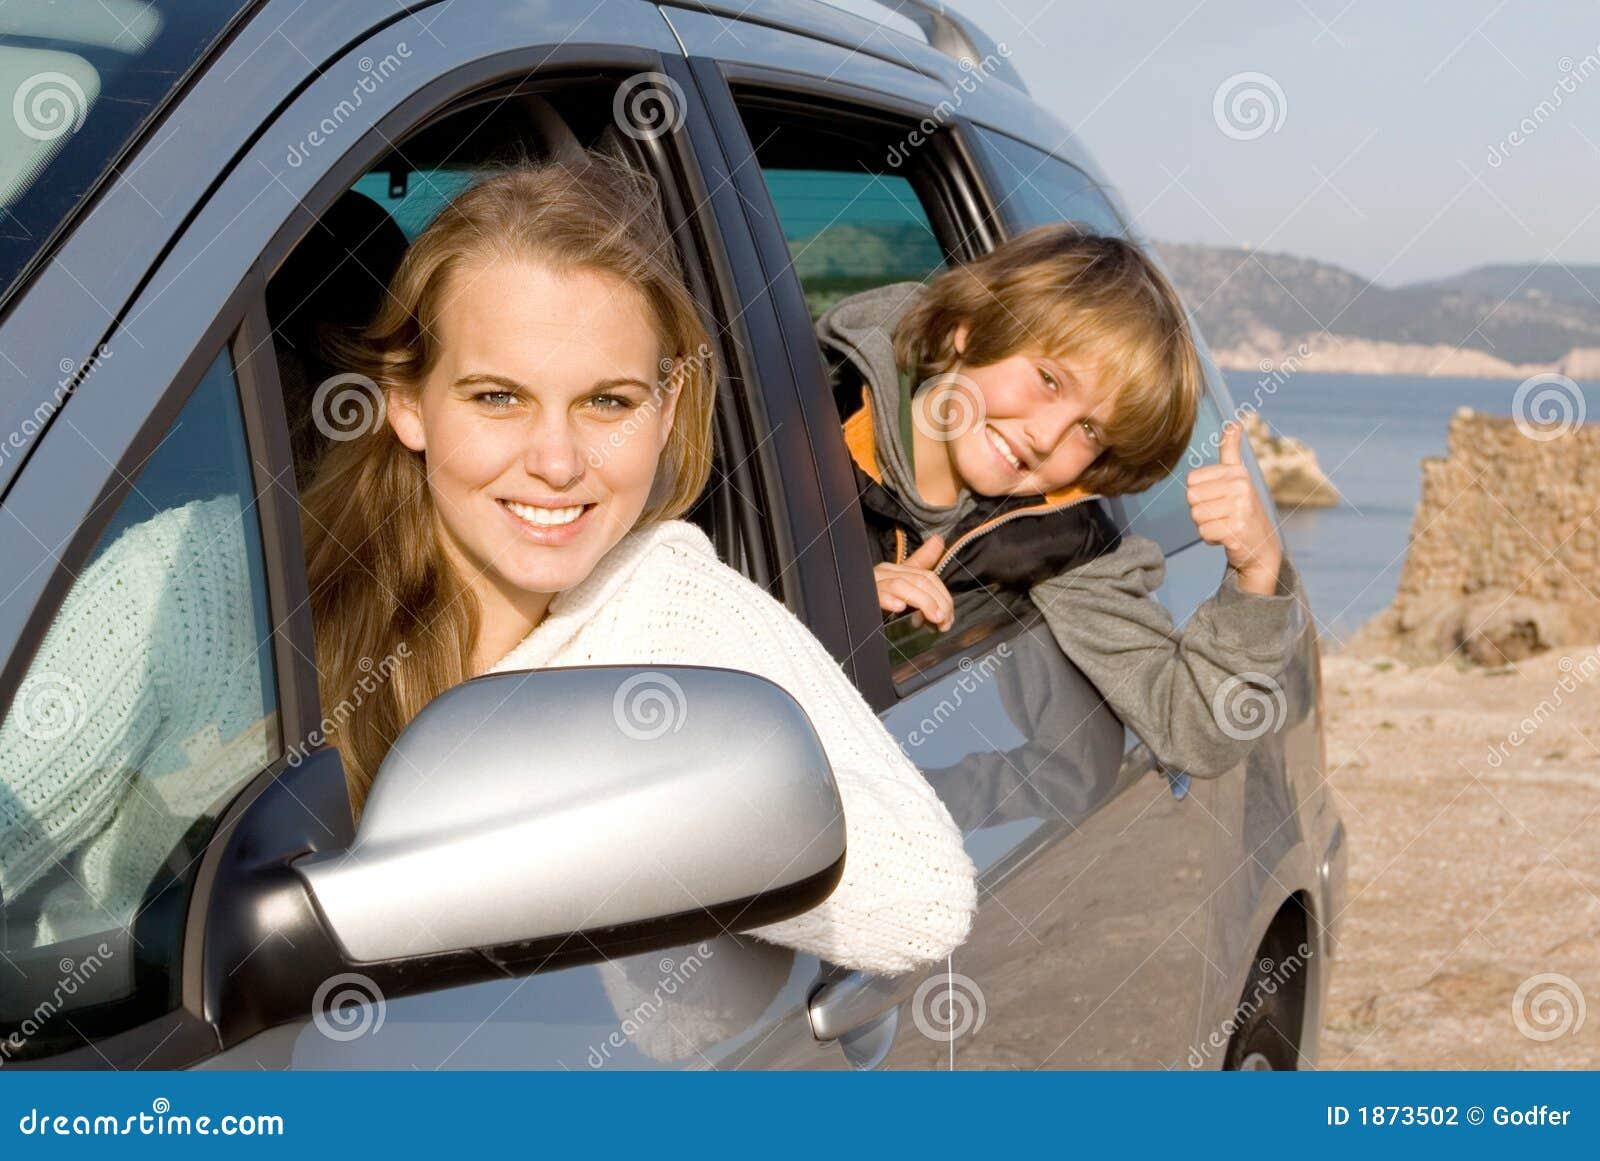 Huur een auto